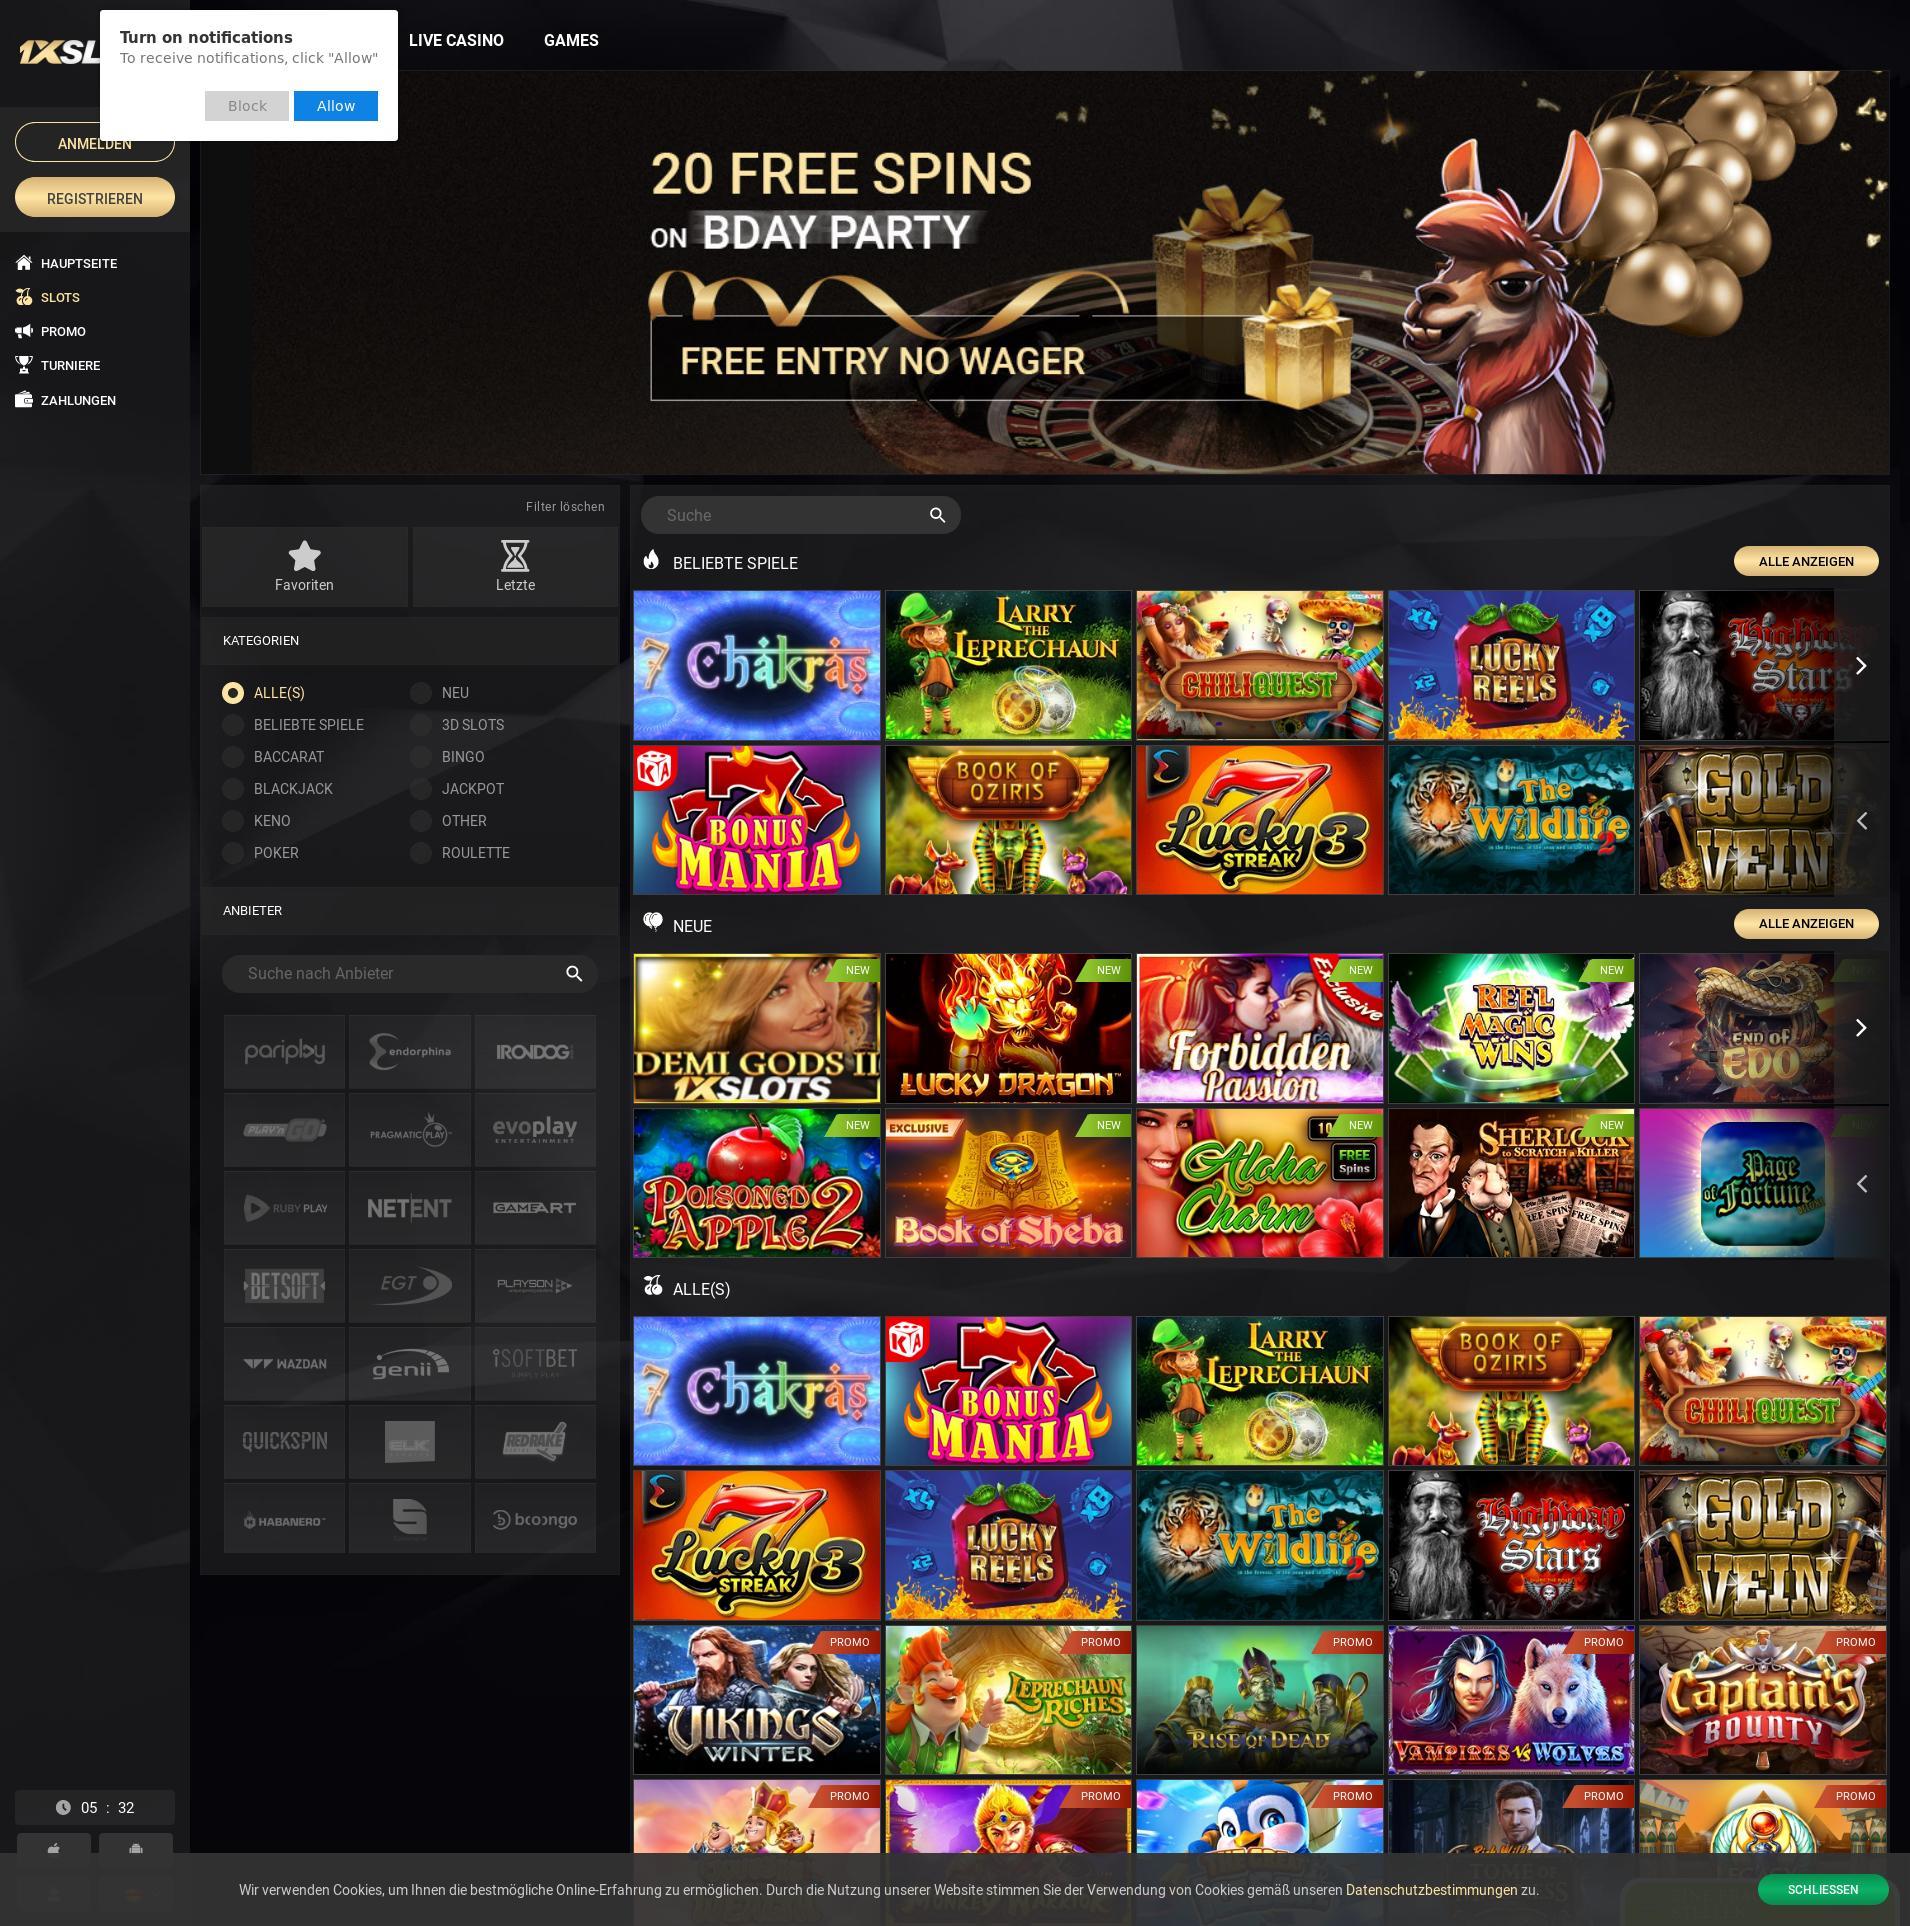 Casino Bildschirm Lobby 2019-10-20 zum Deutschland